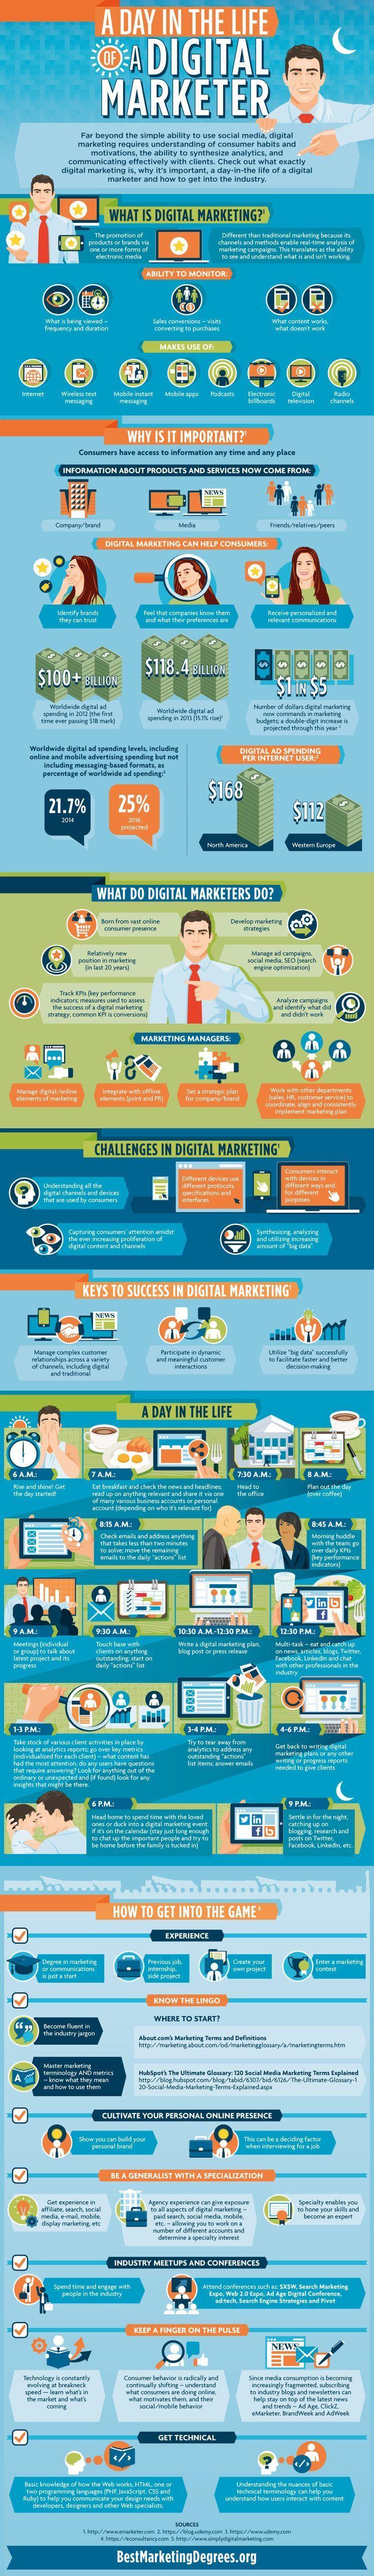 A Day in the Life of a Digital Marketer  Latest News & Trends in #digitalmarketing 2015   http://webworksagency.com - Leia os nossos artigos sobre Marketing Digital no Blog Estratégia Digital em http://www.estrategiadigital.pt/category/marketing-digital/